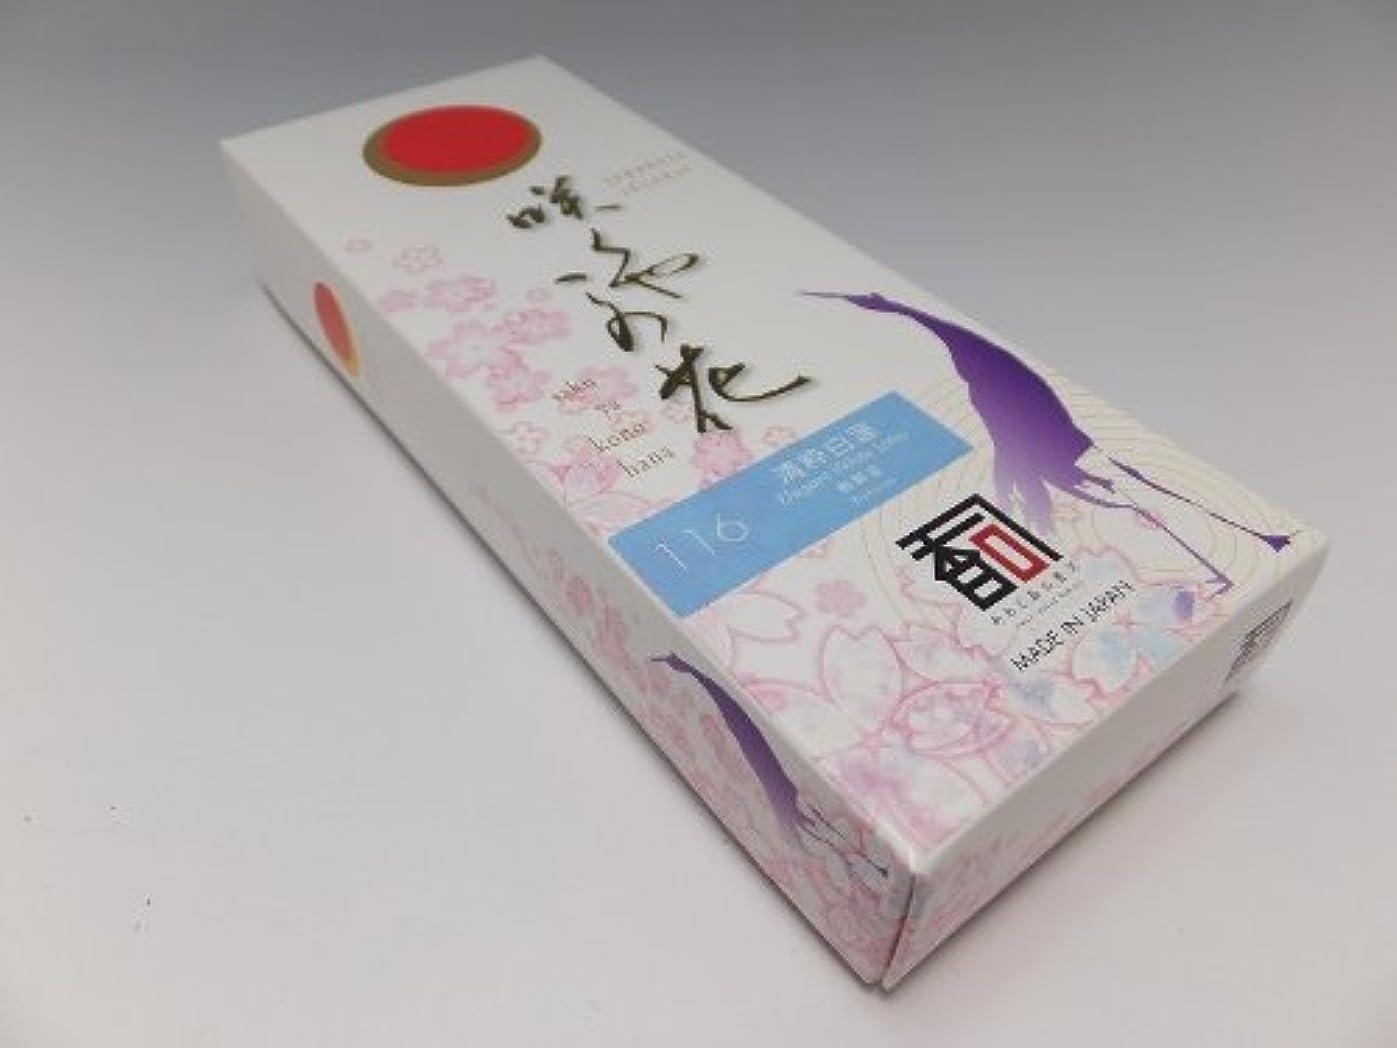 第五失速哀れな「あわじ島の香司」 日本の香りシリーズ  [咲くや この花] 【116】 清粋白蓮 (煙少)